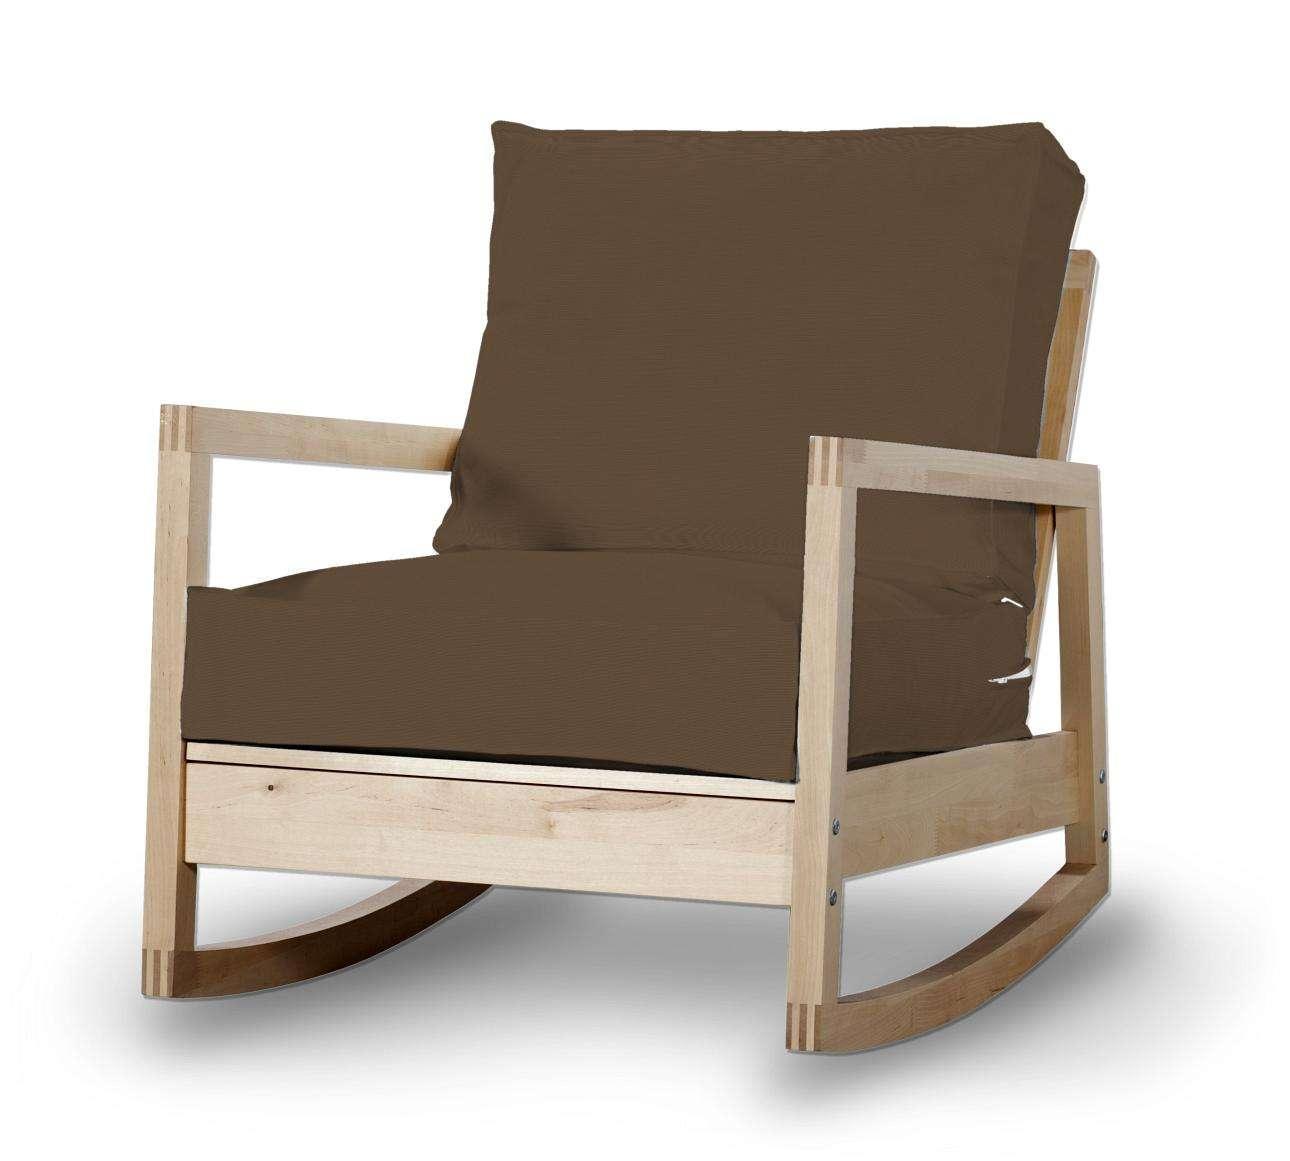 LILLBERG fotelio užvalkalas LILLBERG fotelio užvalkalas kolekcijoje Cotton Panama, audinys: 702-02